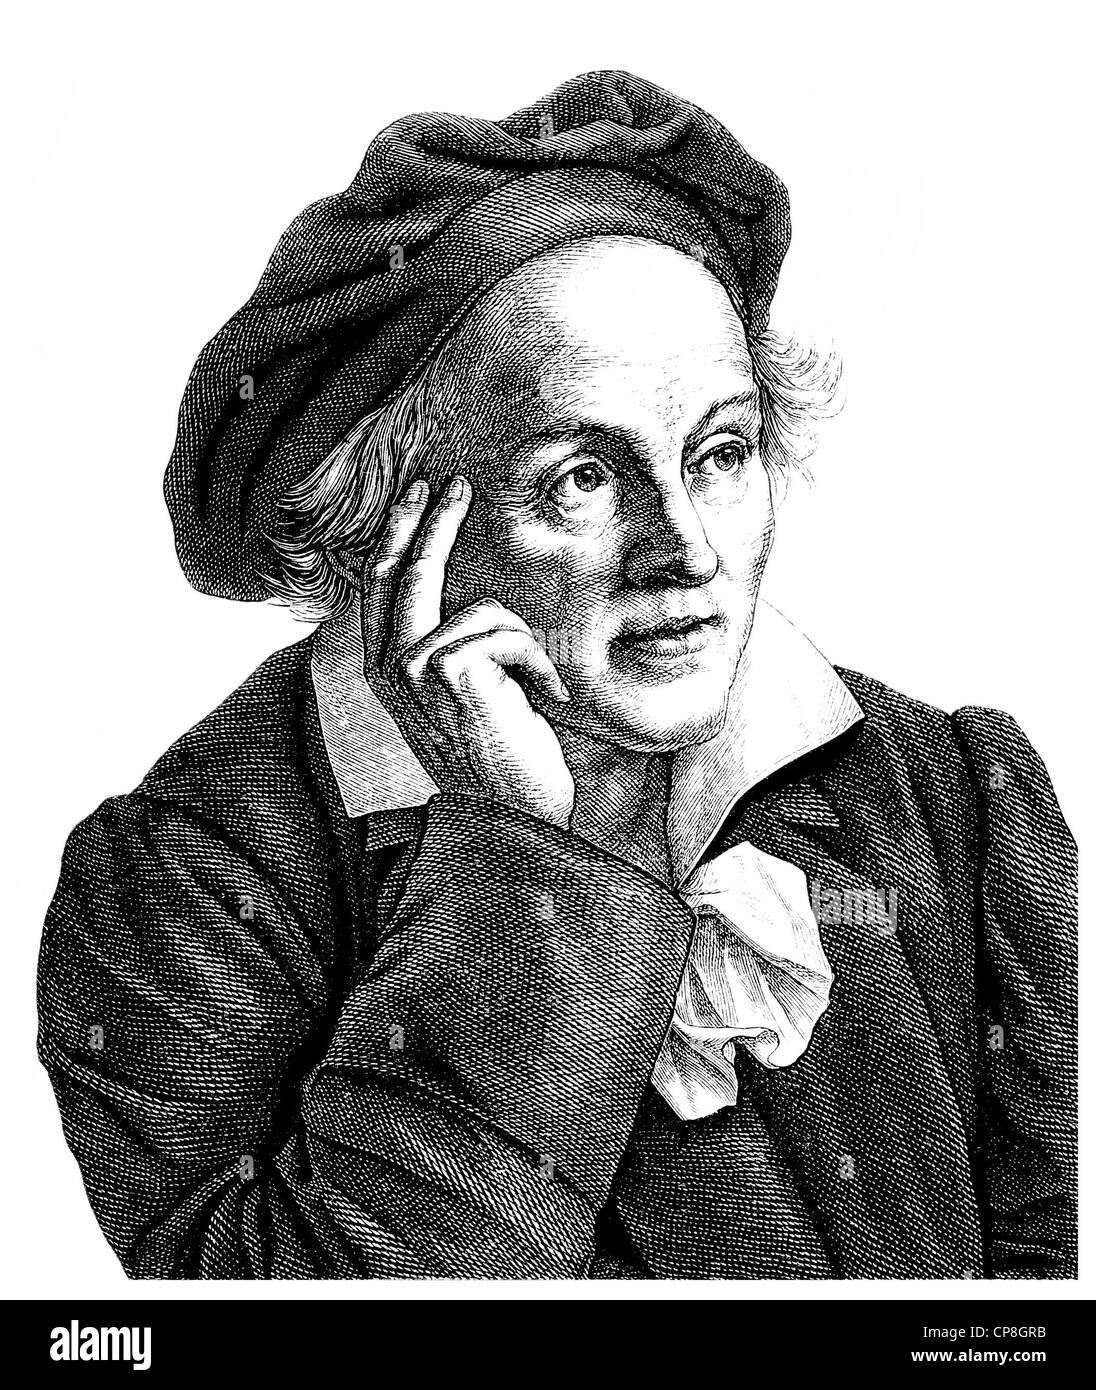 Karl or Carl Ludwig von Knebel, 1744 -1834, a German poet and translator, Historische Zeichnung aus dem 19. Jahrhundert, - Stock Image